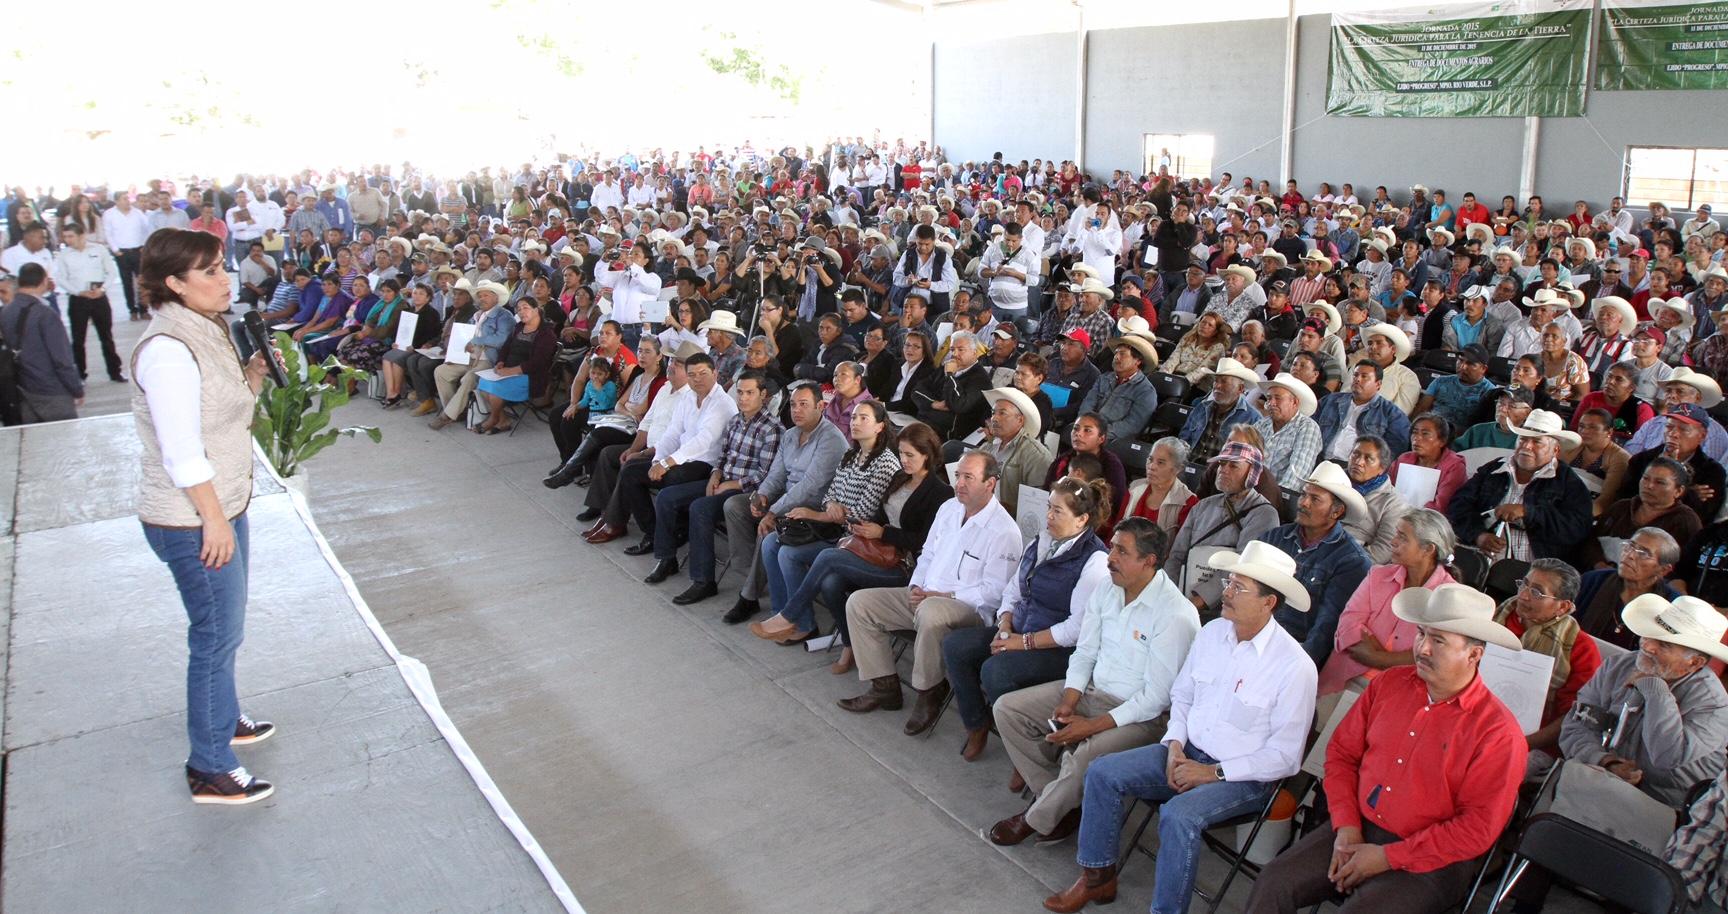 La titular de la SEDATU, Rosario Robles, acompañada por el gobernador de la entidad, Juan Manuel Carreras, funcionarios de la Secretaría, del RAN, así como diputados y representantes del sector agrario, ante asistentes beneficiarios.